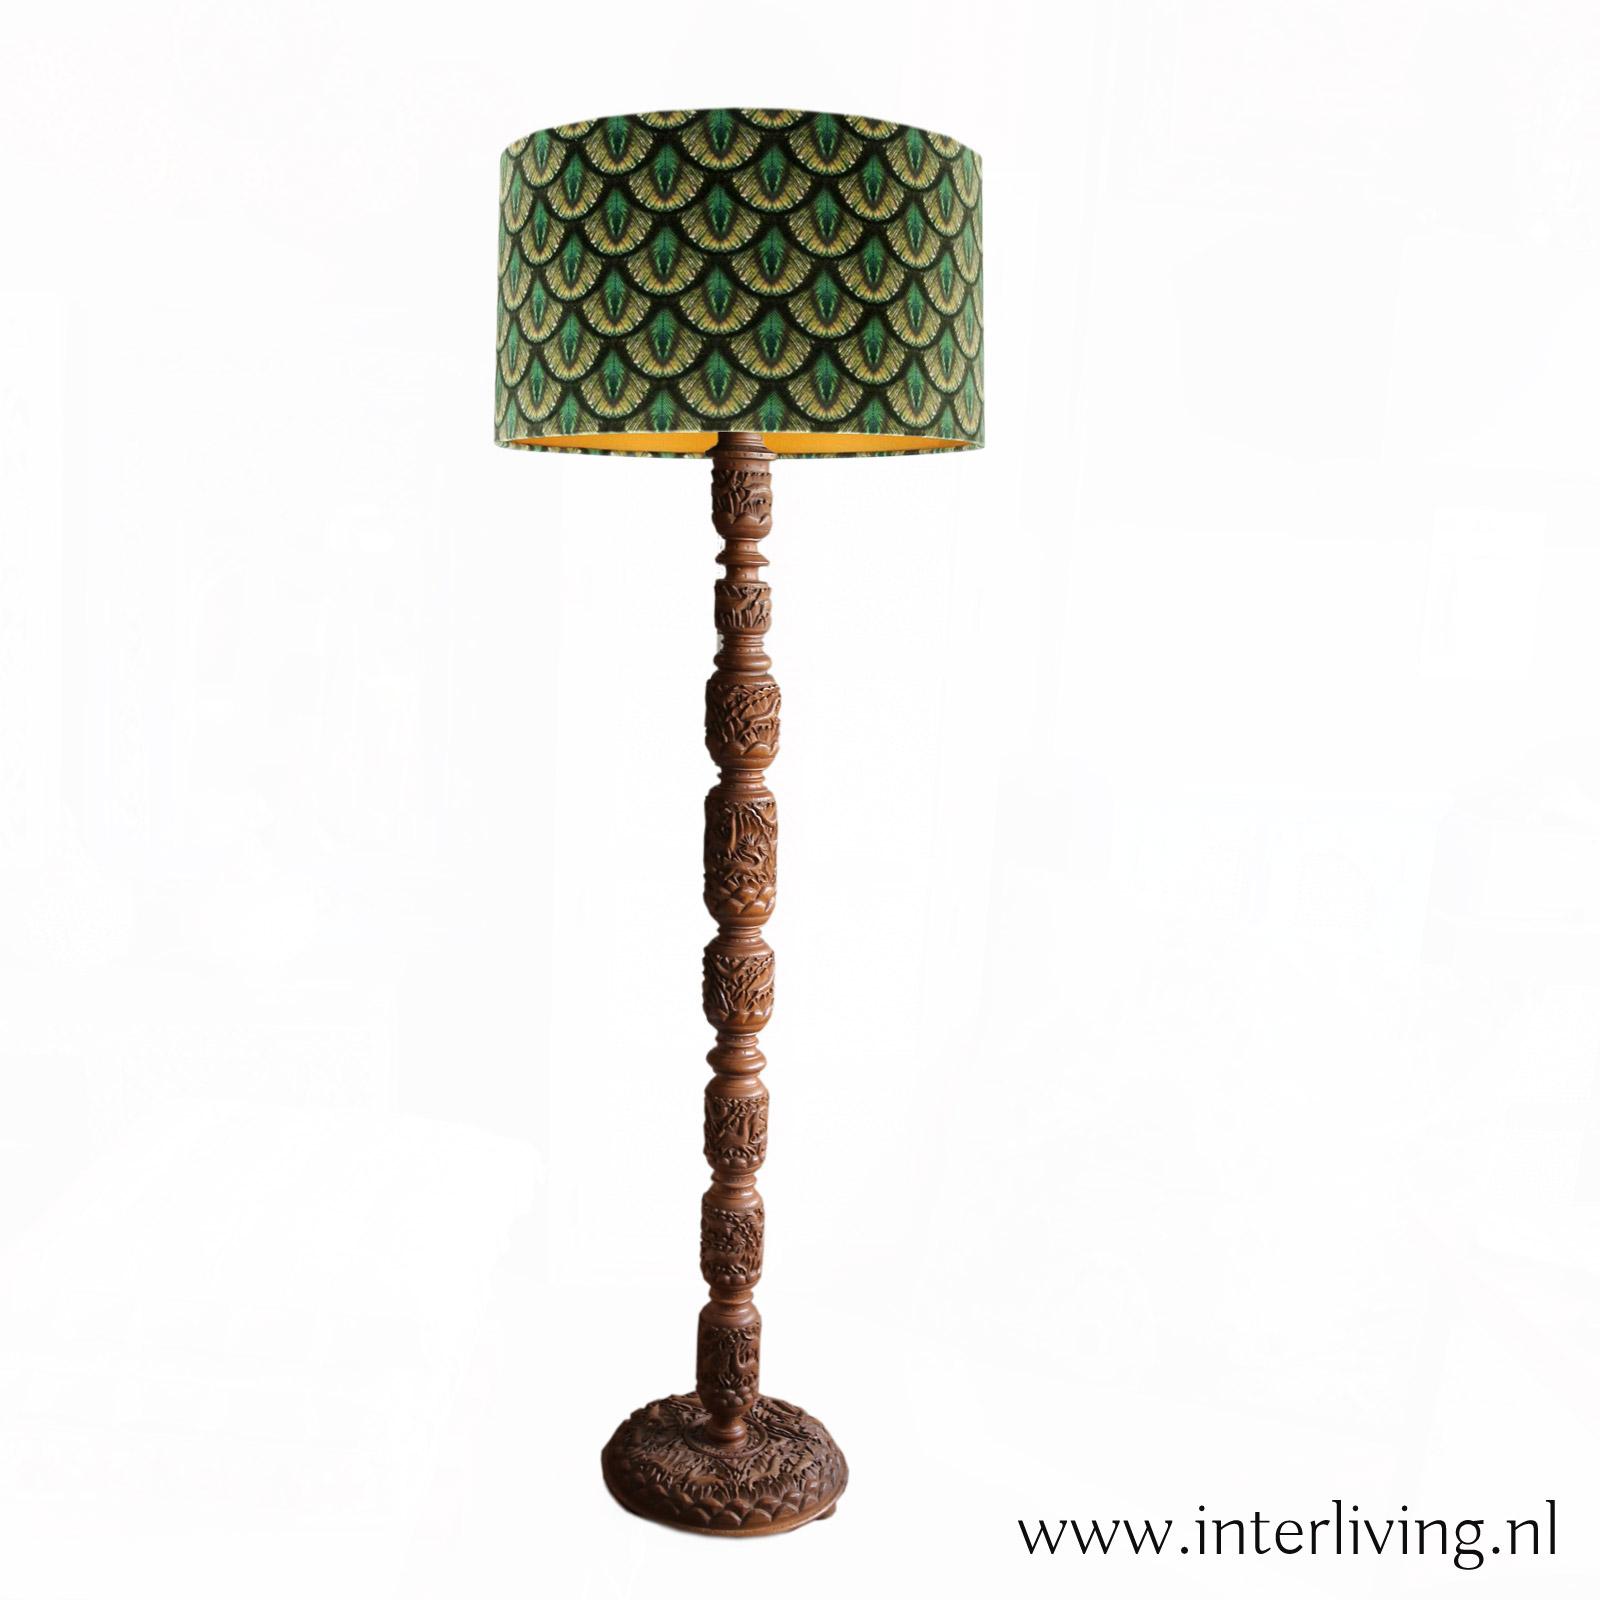 oosterse staande houten lamp - retro boho design - lampenvoet gedecoreerd walnotenhout - sfeerverlichting & styling voor huis